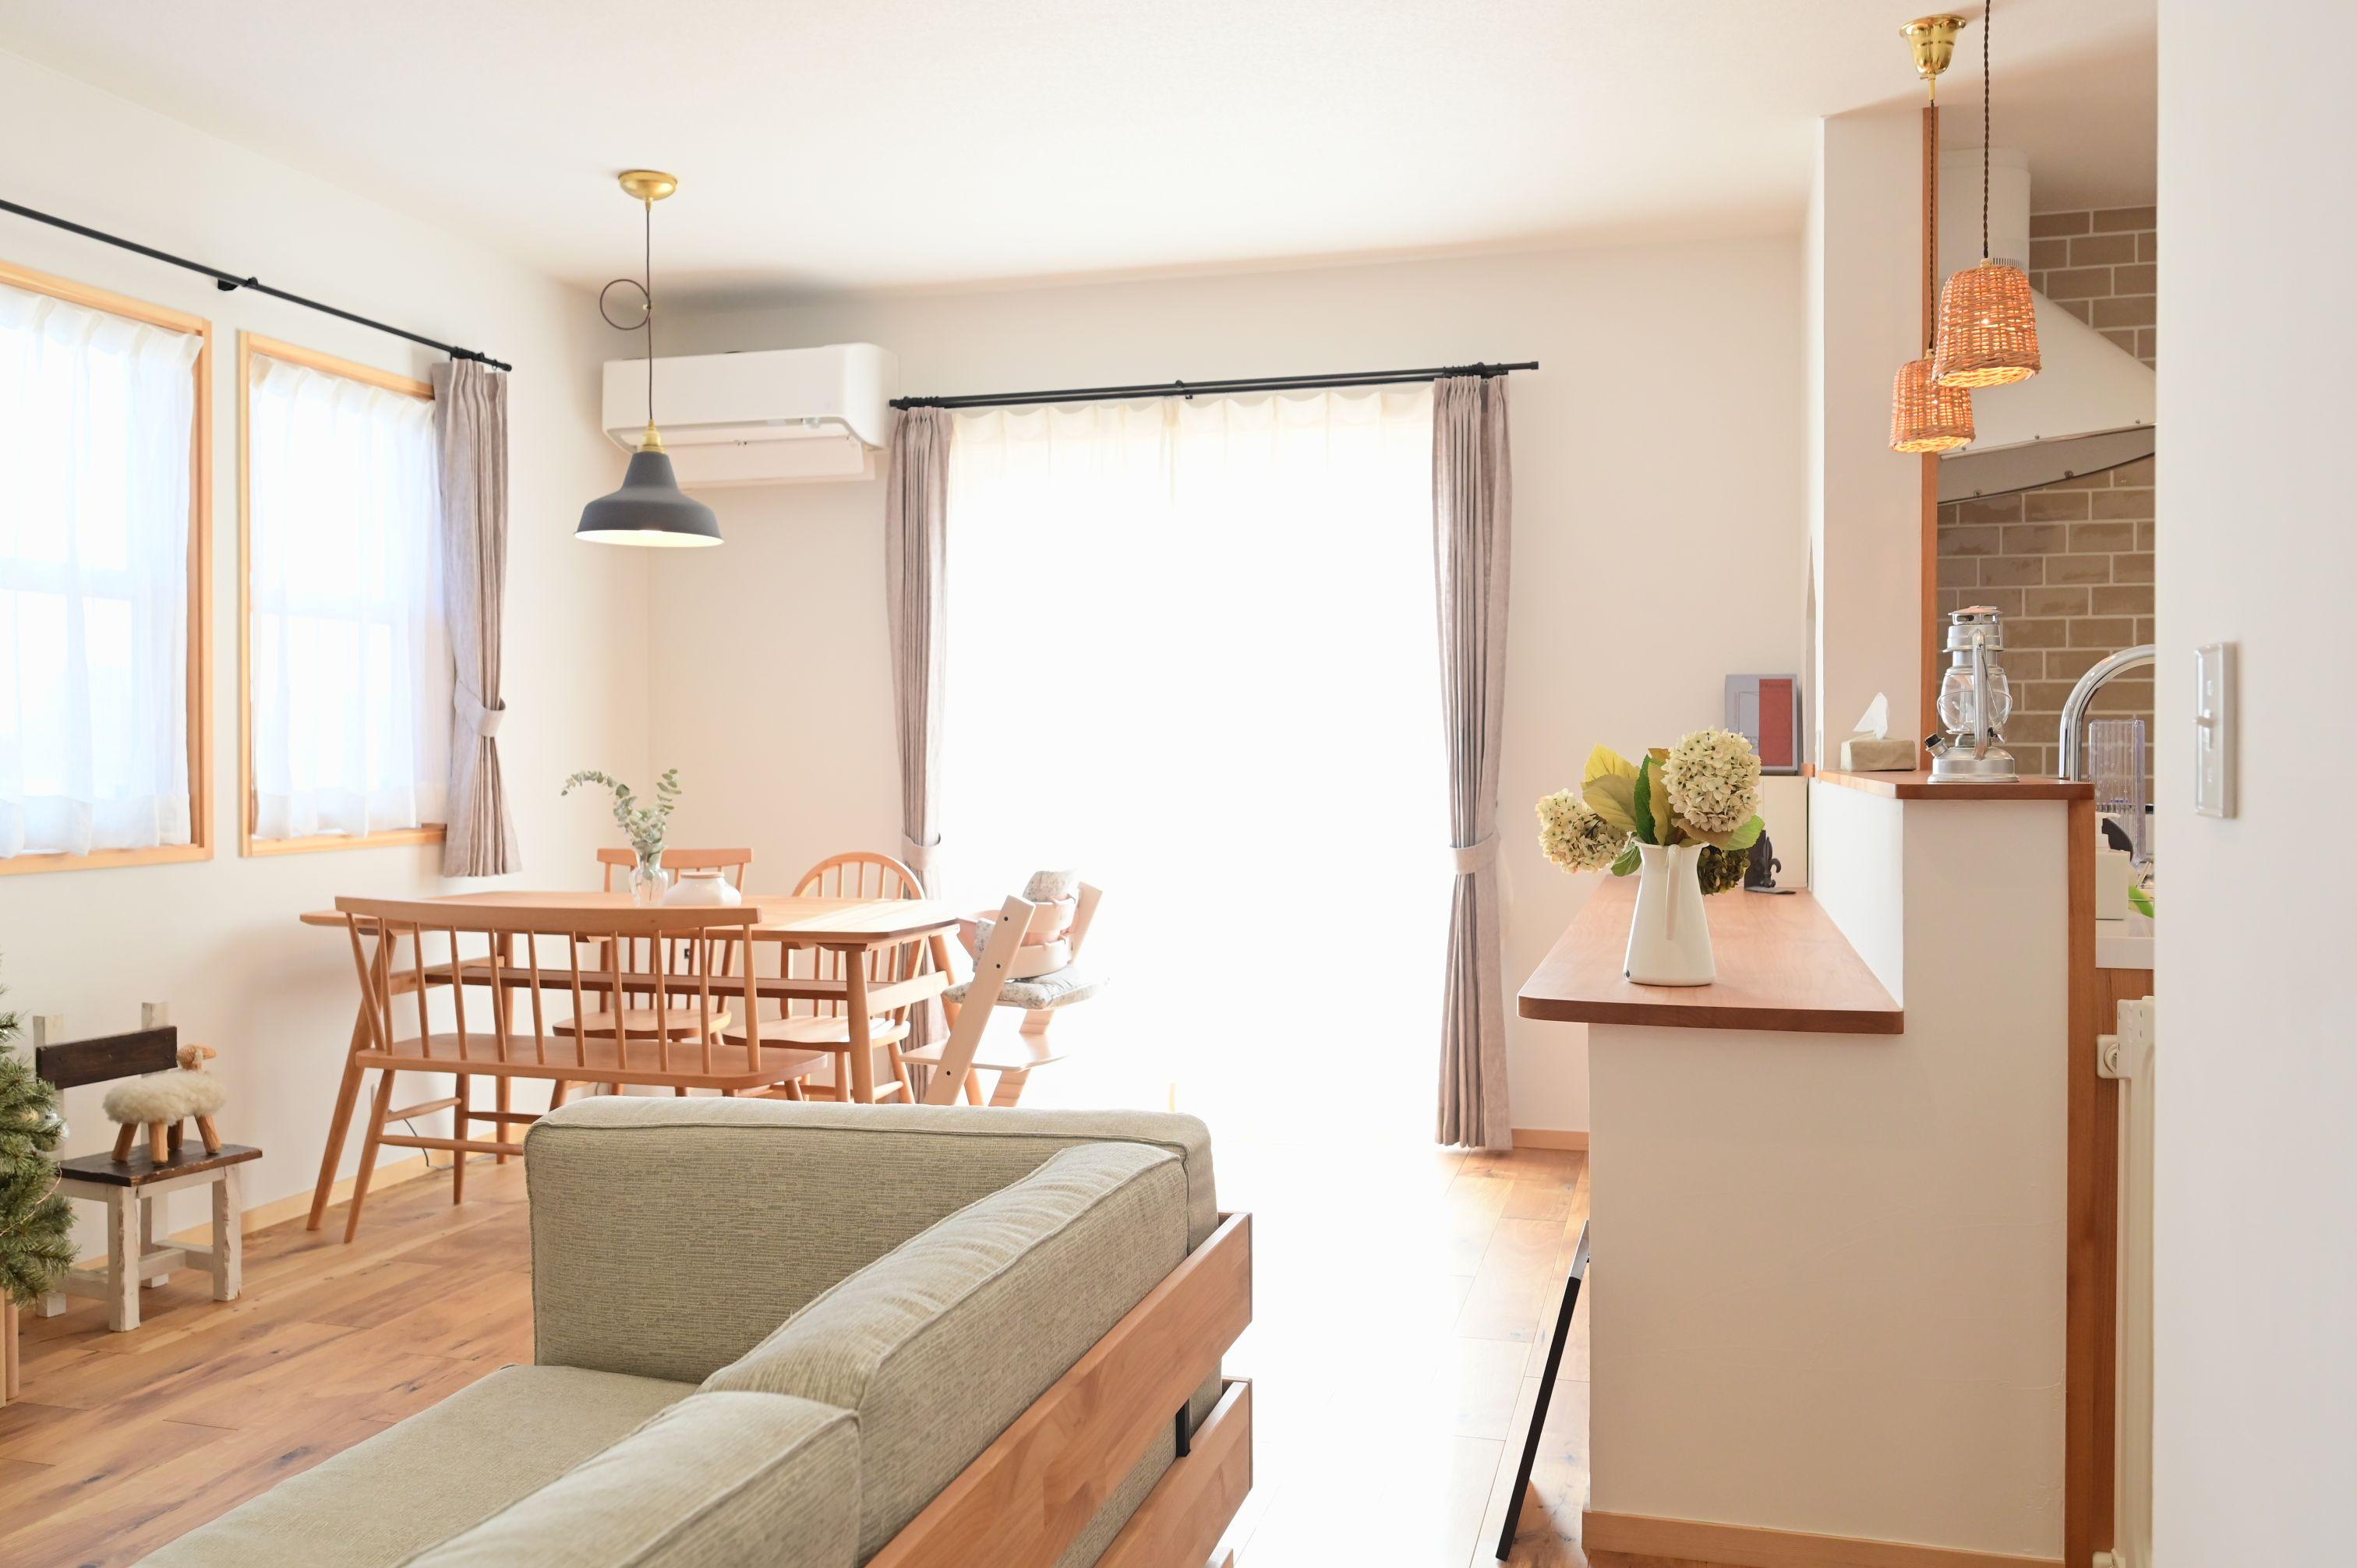 サンエフホーム【デザイン住宅、収納力、自然素材】カフェ風のLDKは本物の素材にこだわった